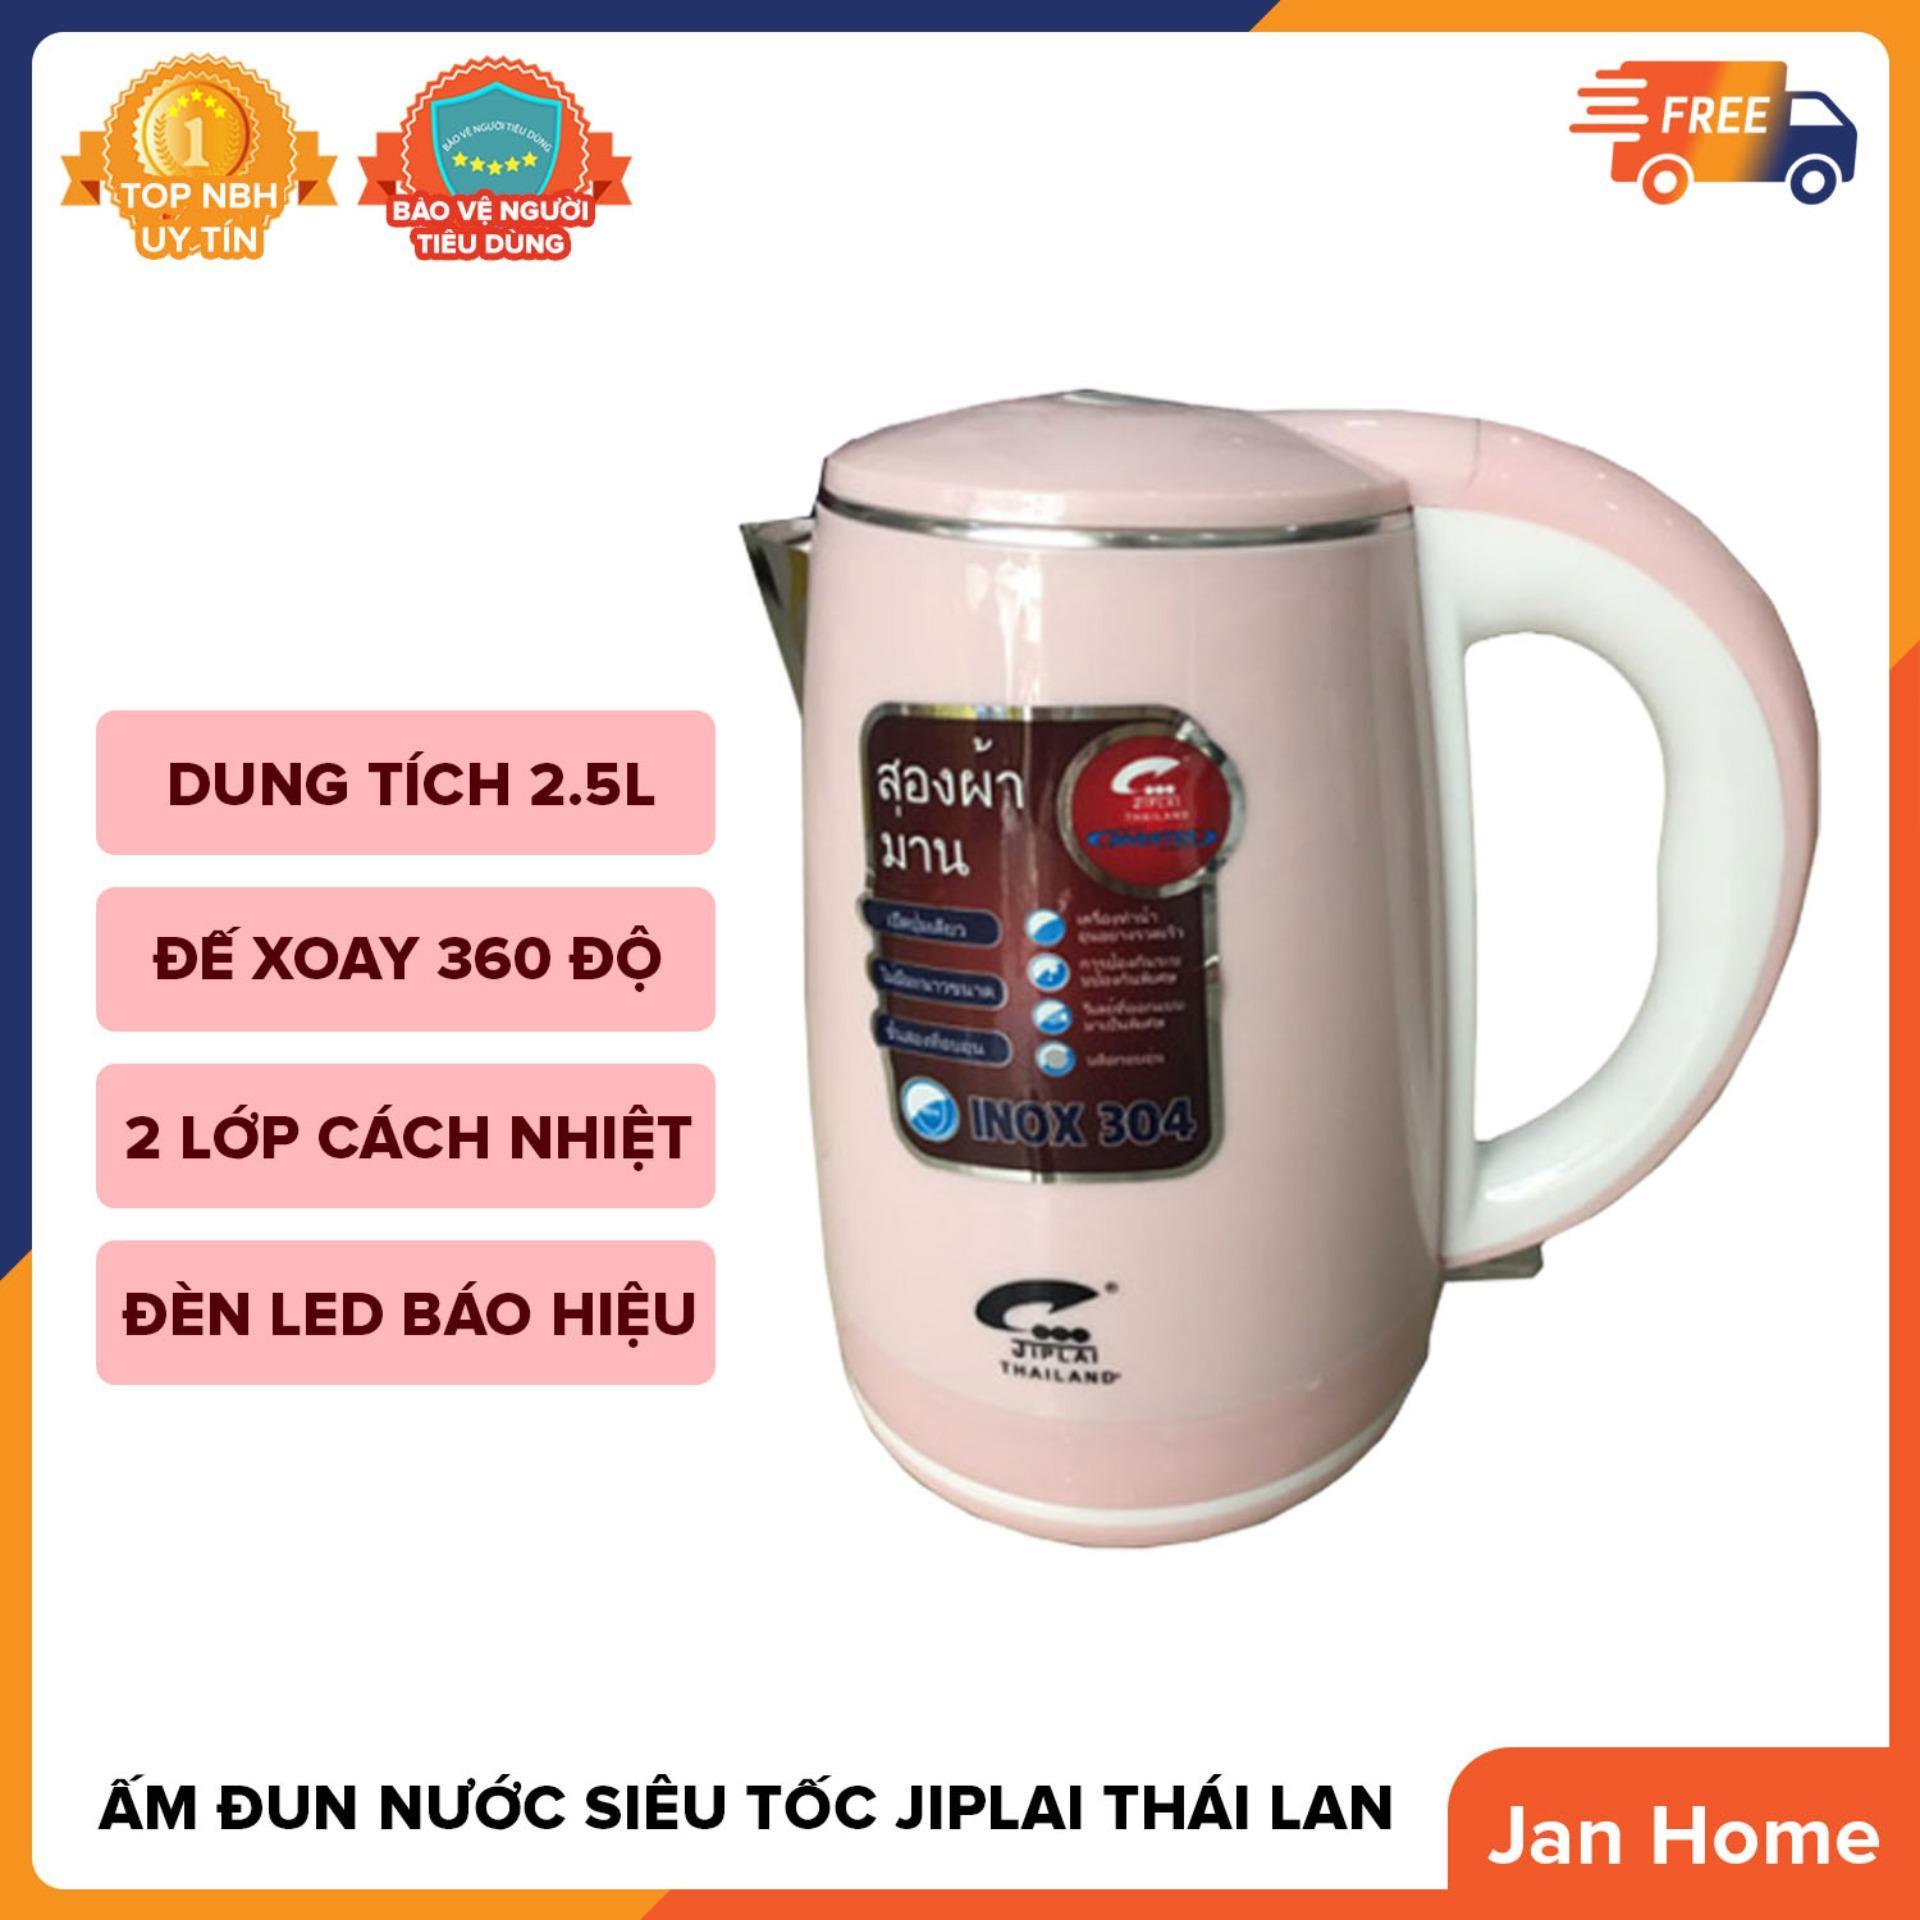 Ấm siêu tốc 2.5L JIPLAI Thái Lan 2 lớp inox và nhựa cách nhiệt an toàn - Bình đun nước...